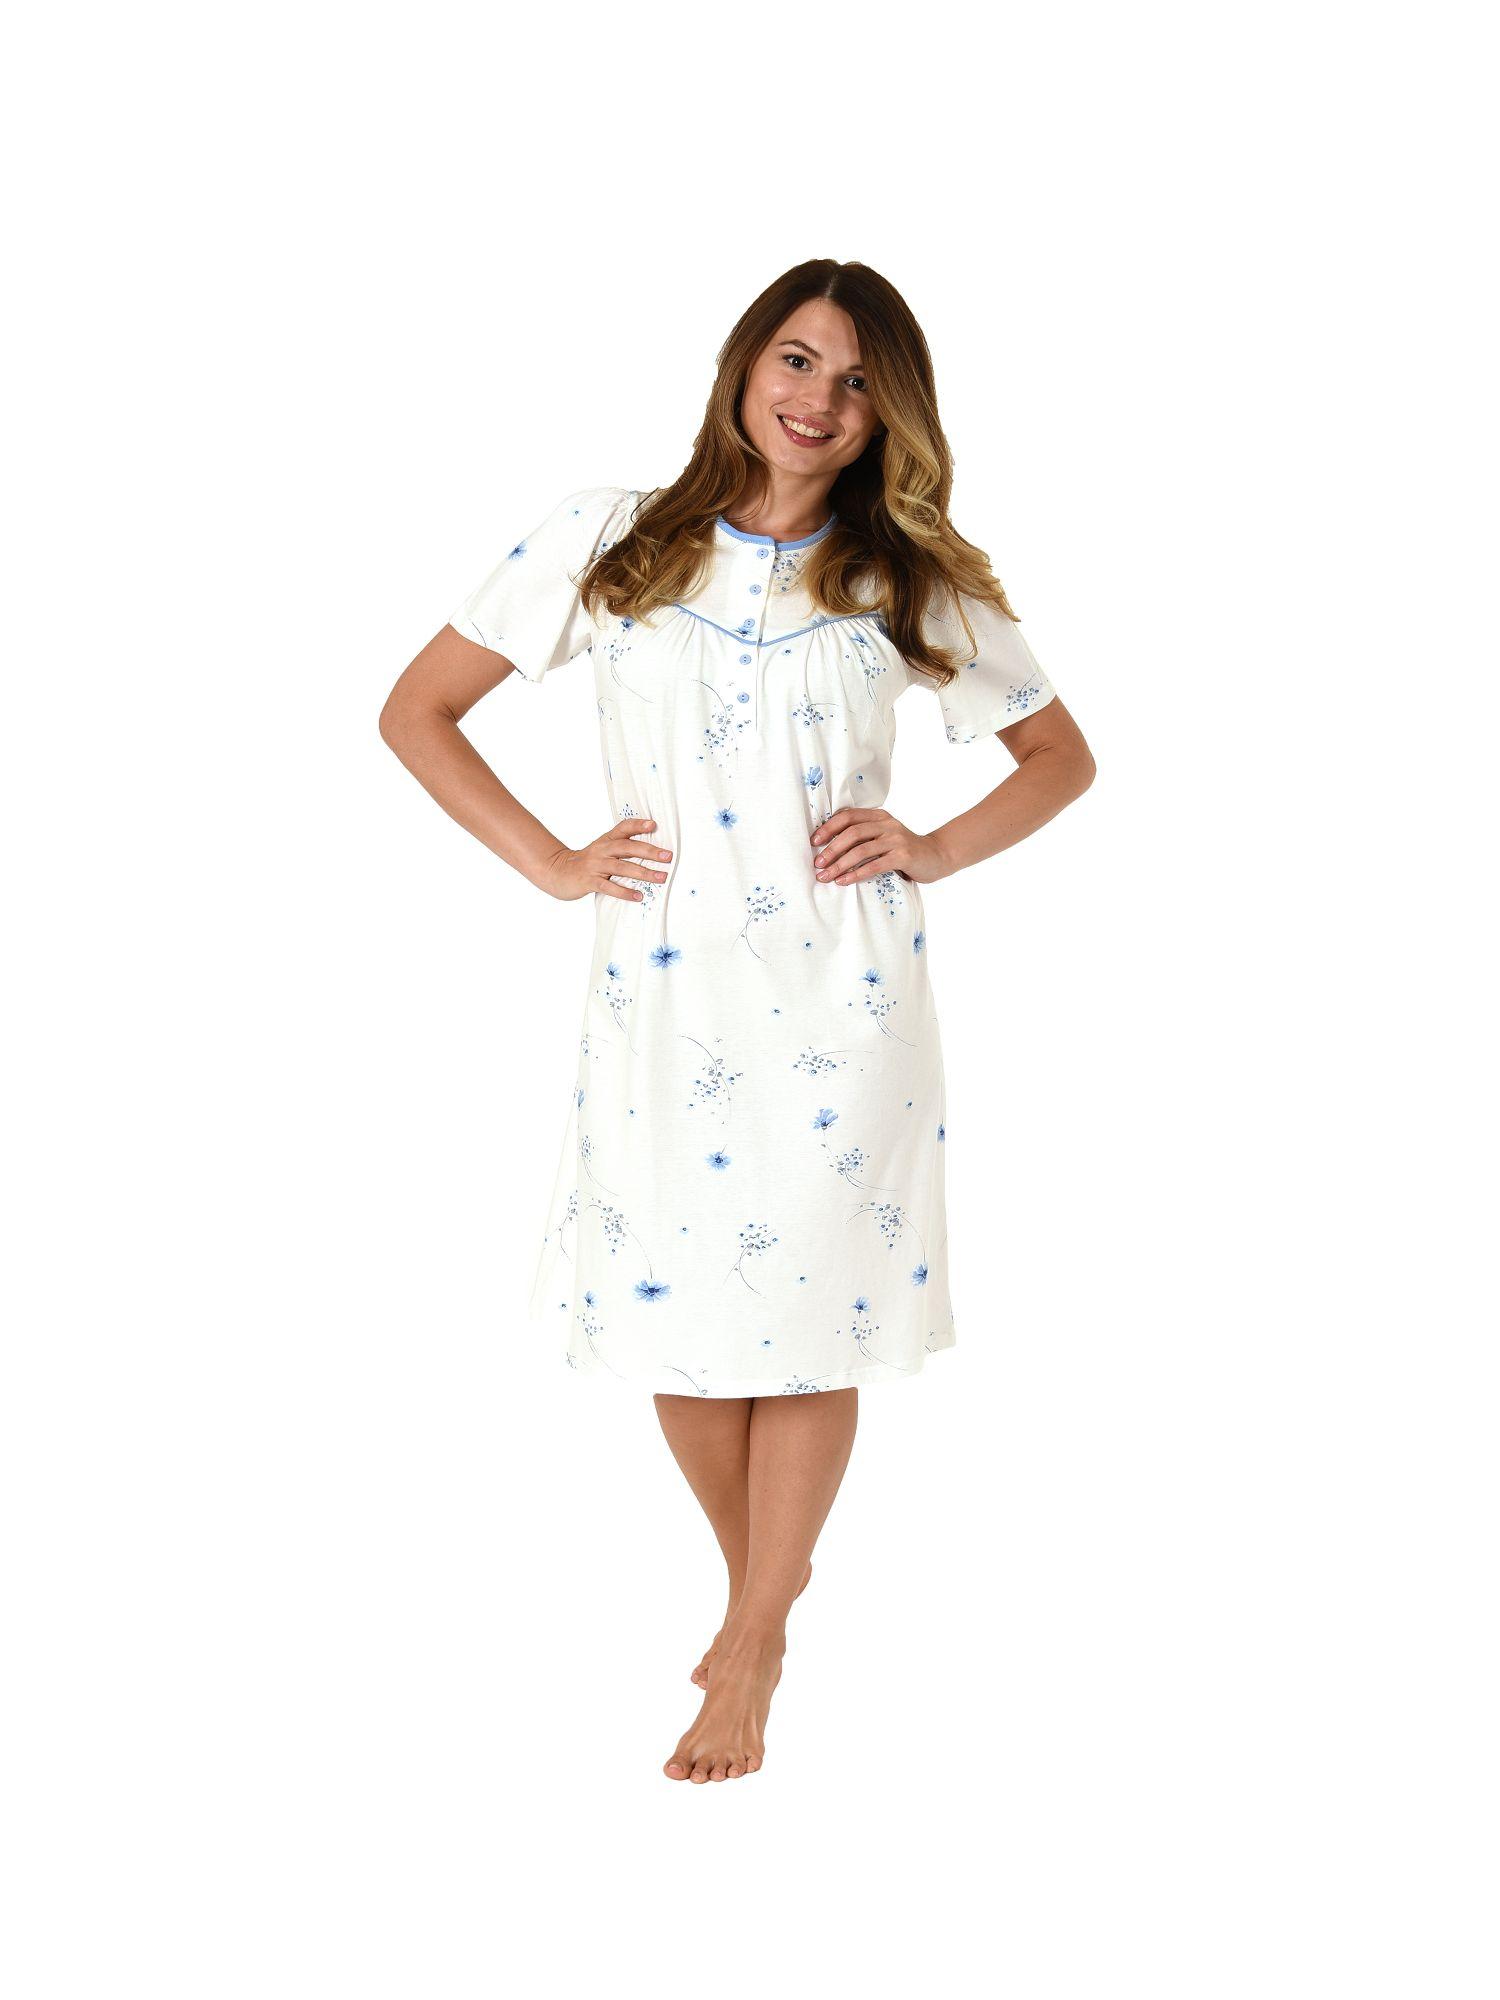 low priced 5f9b1 7f9a4 Damen Nachthemd kurzarm klassisch mit Knopfleiste am Hals 62734